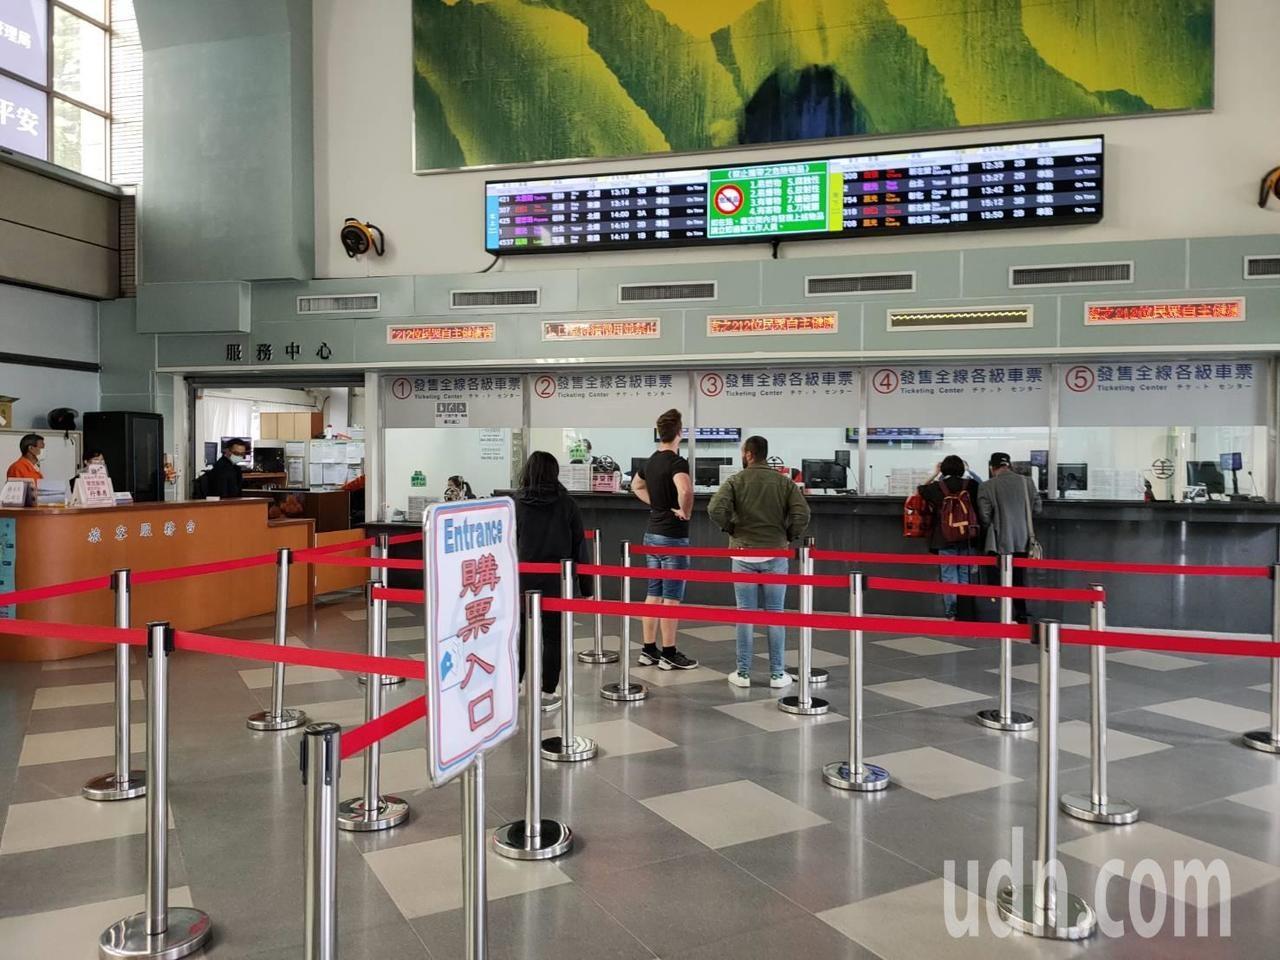 受疫情影響,民眾搭火車意願變低,台東火車站裡乘客明顯變少。記者羅紹平/攝影